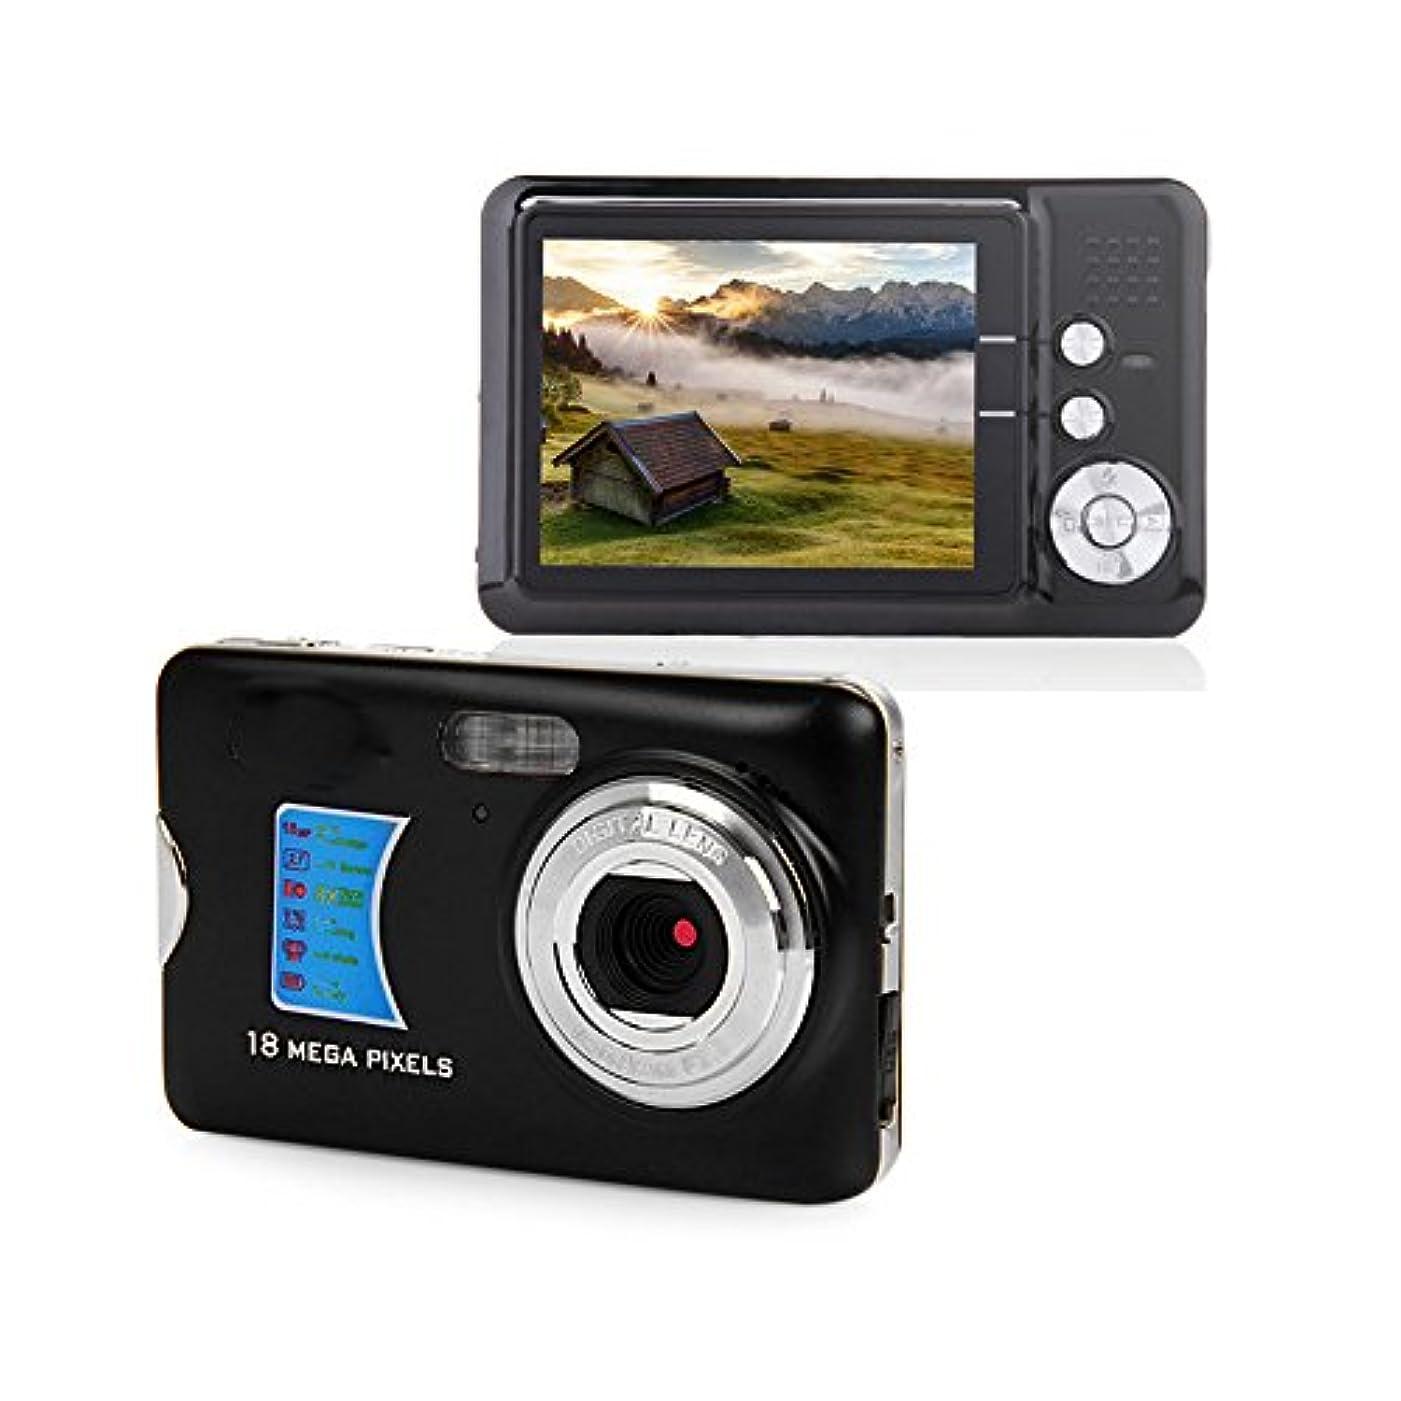 日ぐるぐる害虫Powpro PP-CDFE デジタルカメラ 2.7インチ TFT 液晶ディスプレイ HD ブラック 4332019538